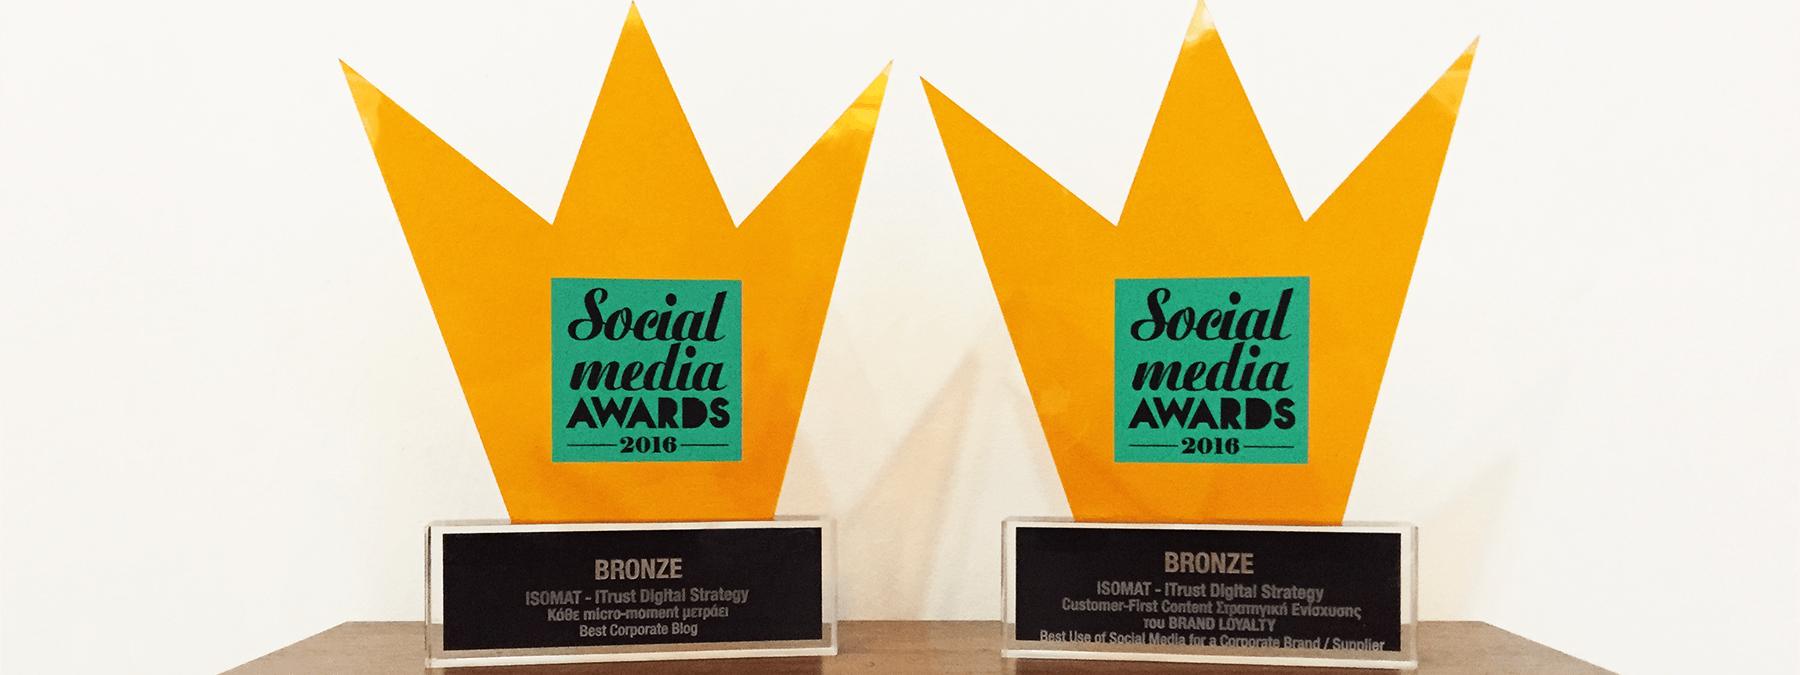 Social Media Awards 2016 απονομή βραβείων iTrust Digital και ISOMAT